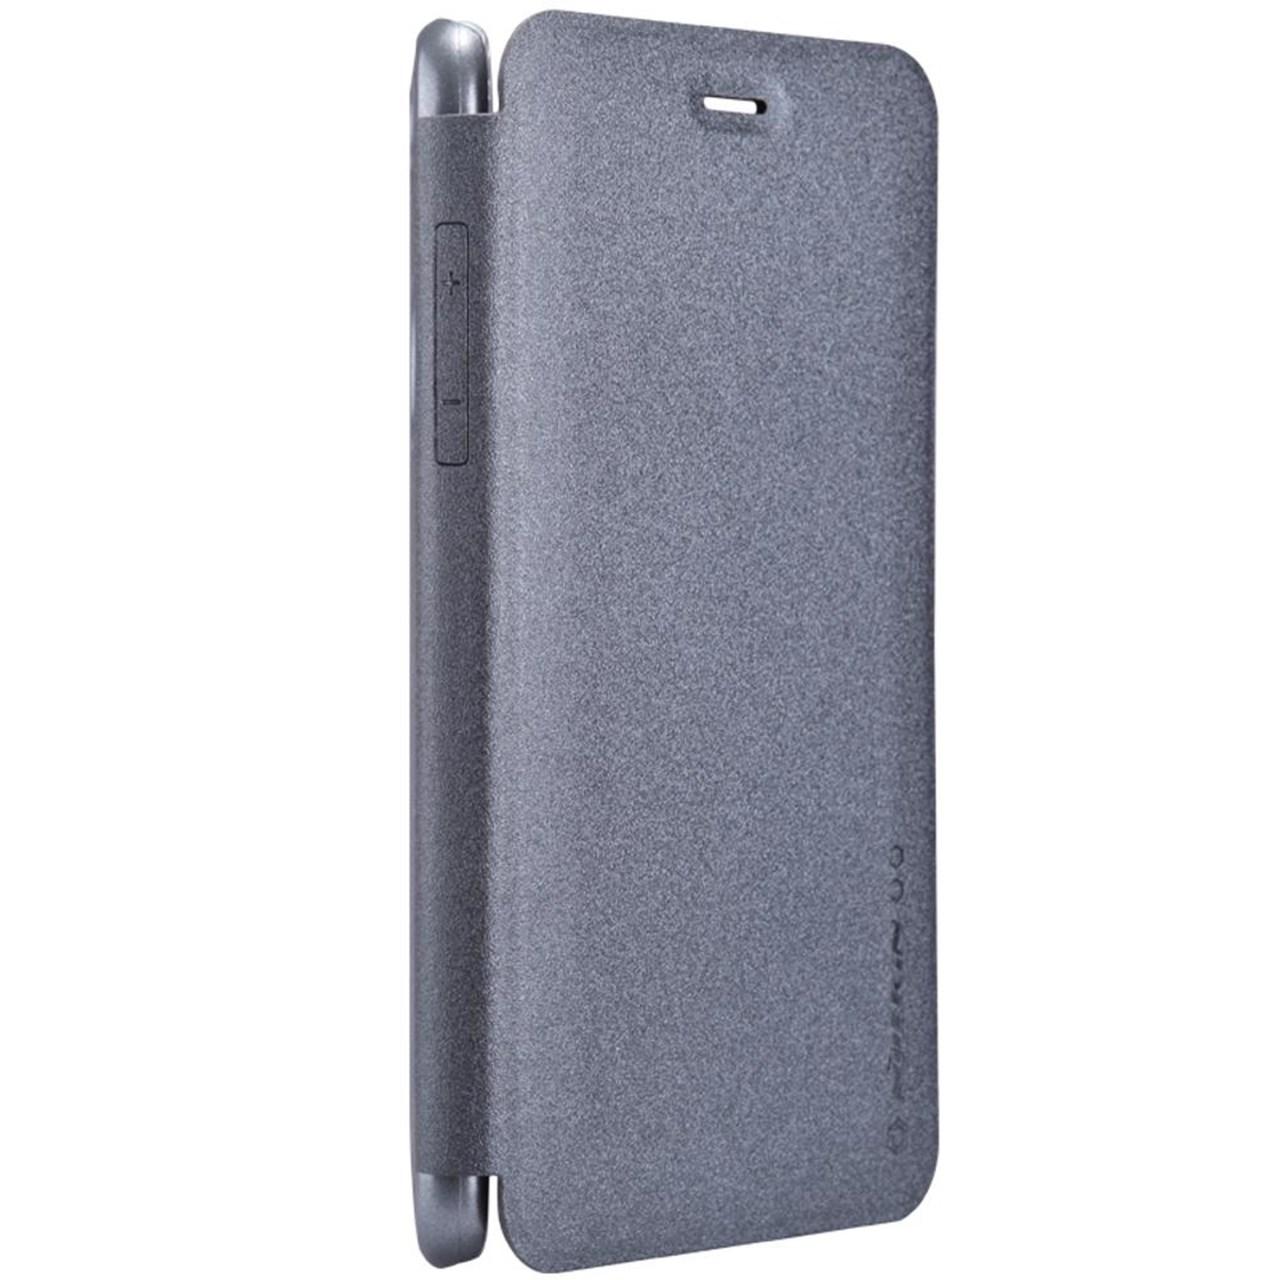 کیف کلاسوری نیلکین مدل New Leather Sparkle مناسب برای گوشی موبایل اپل IPhone 6/6s